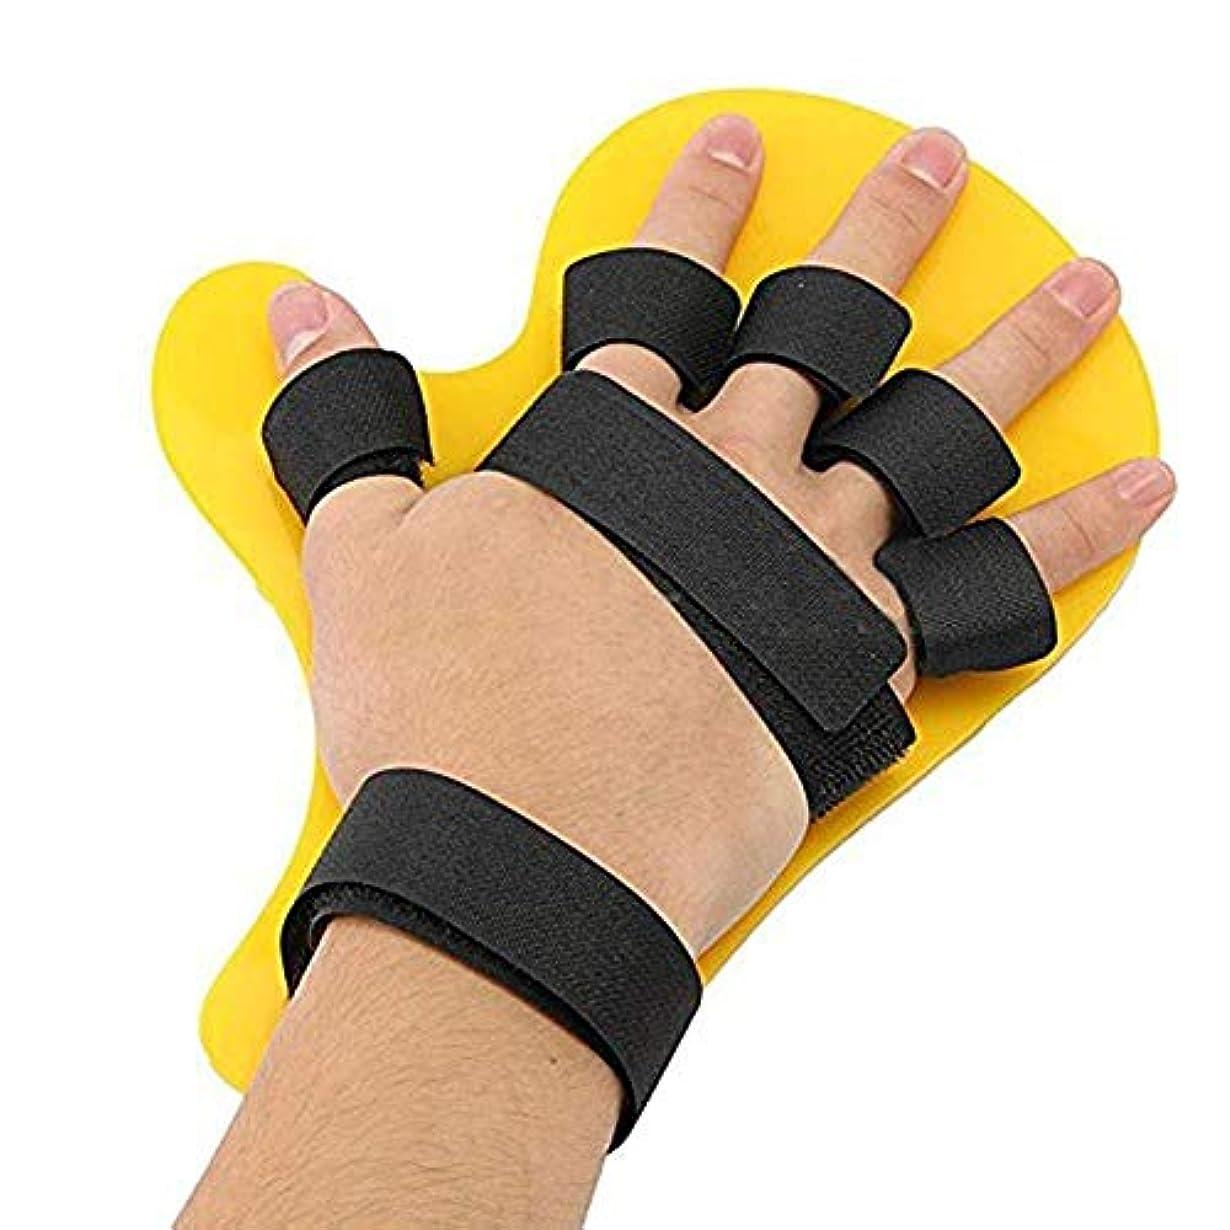 教育学浜辺アンビエント指の骨折、創傷、術後のケアと痛みの軽減のための指の添え木、指板指の分離器矯正装具ポイント (Size : 1pairs)